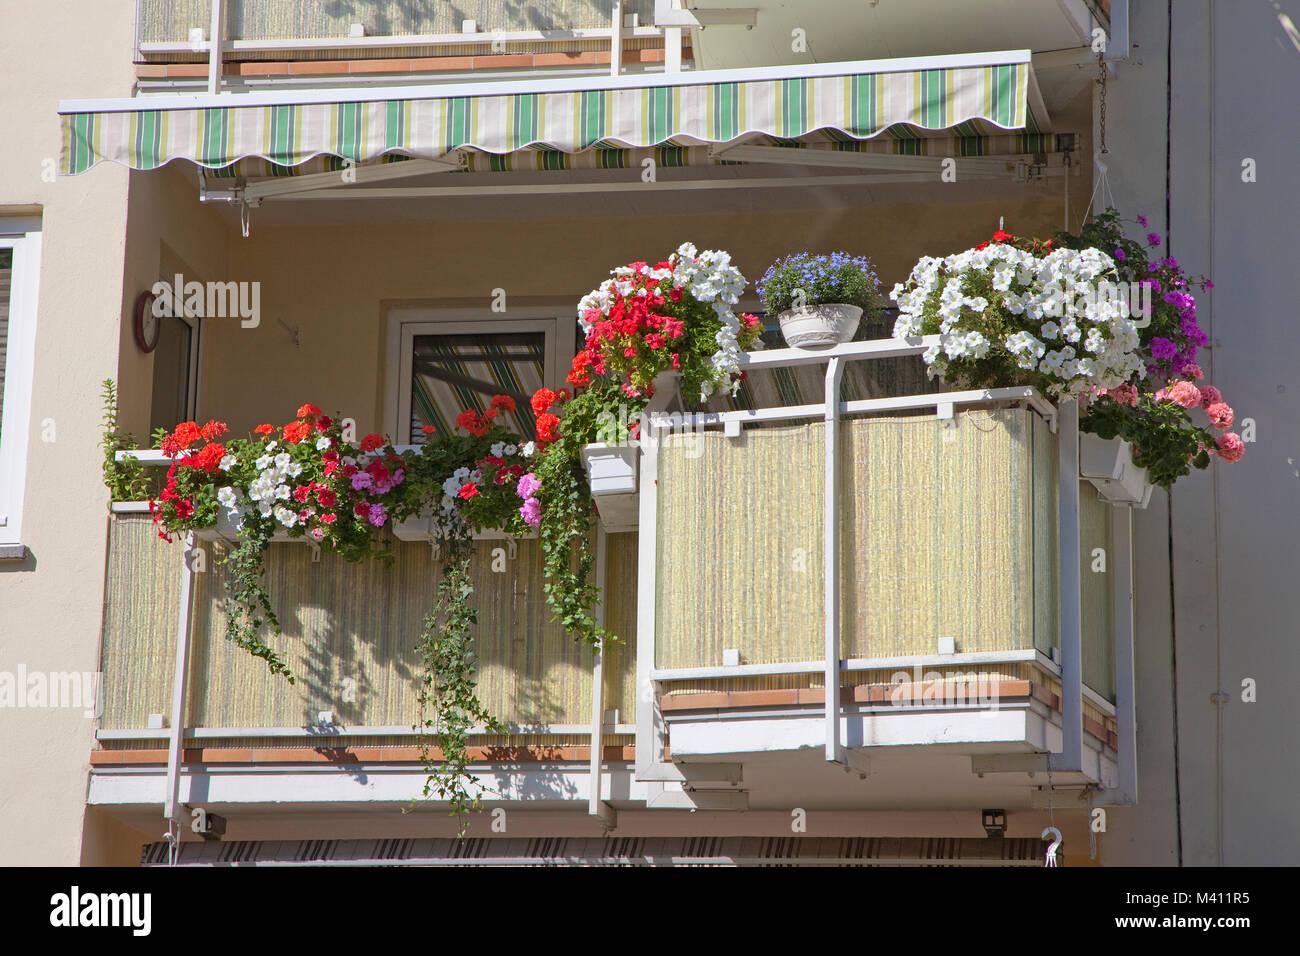 Balkon mit Geranien, Apartment Gebäude in der Innenstadt von Koblenz, Rheinland-Pfalz, Deutschland, Europa Stockbild